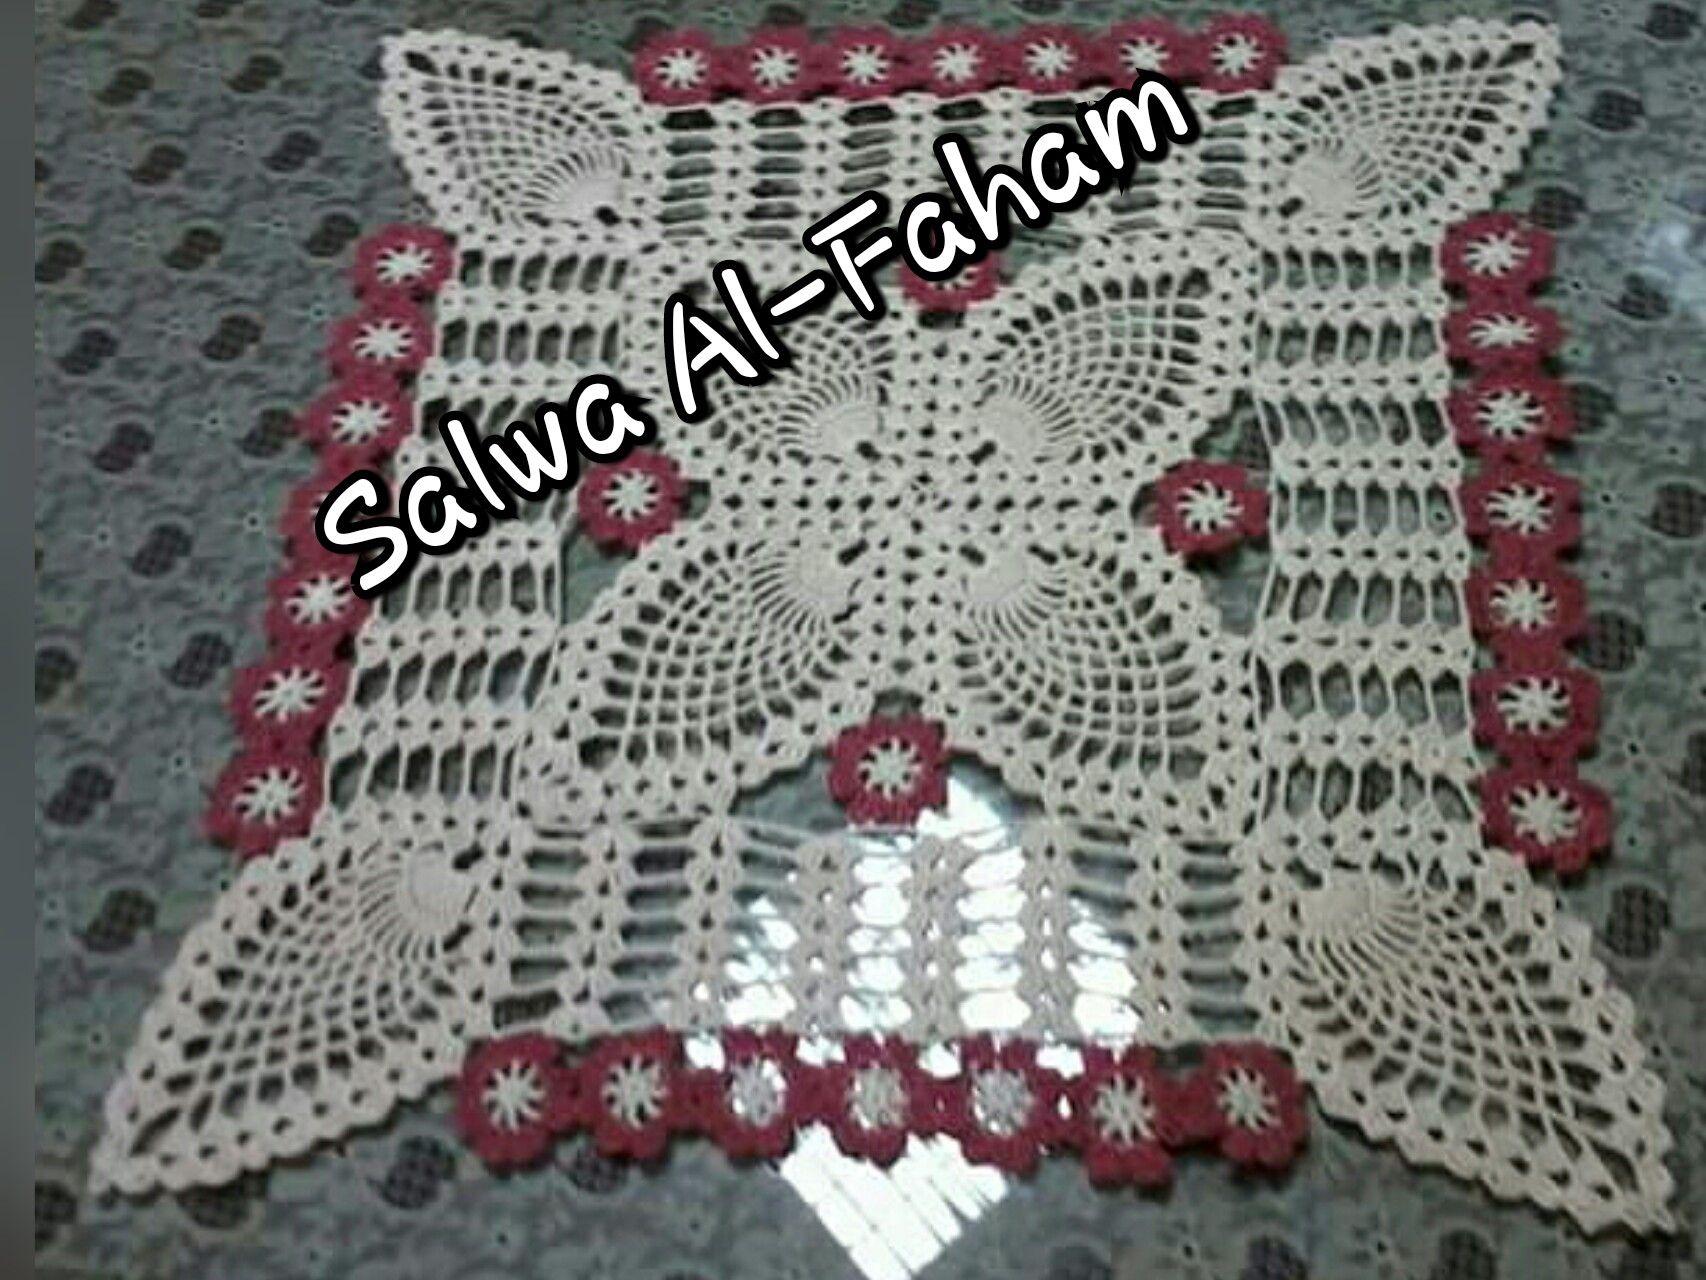 Crochet Doily كروشيه مفرش Crochet Doilies Crochet Knitted Scarf